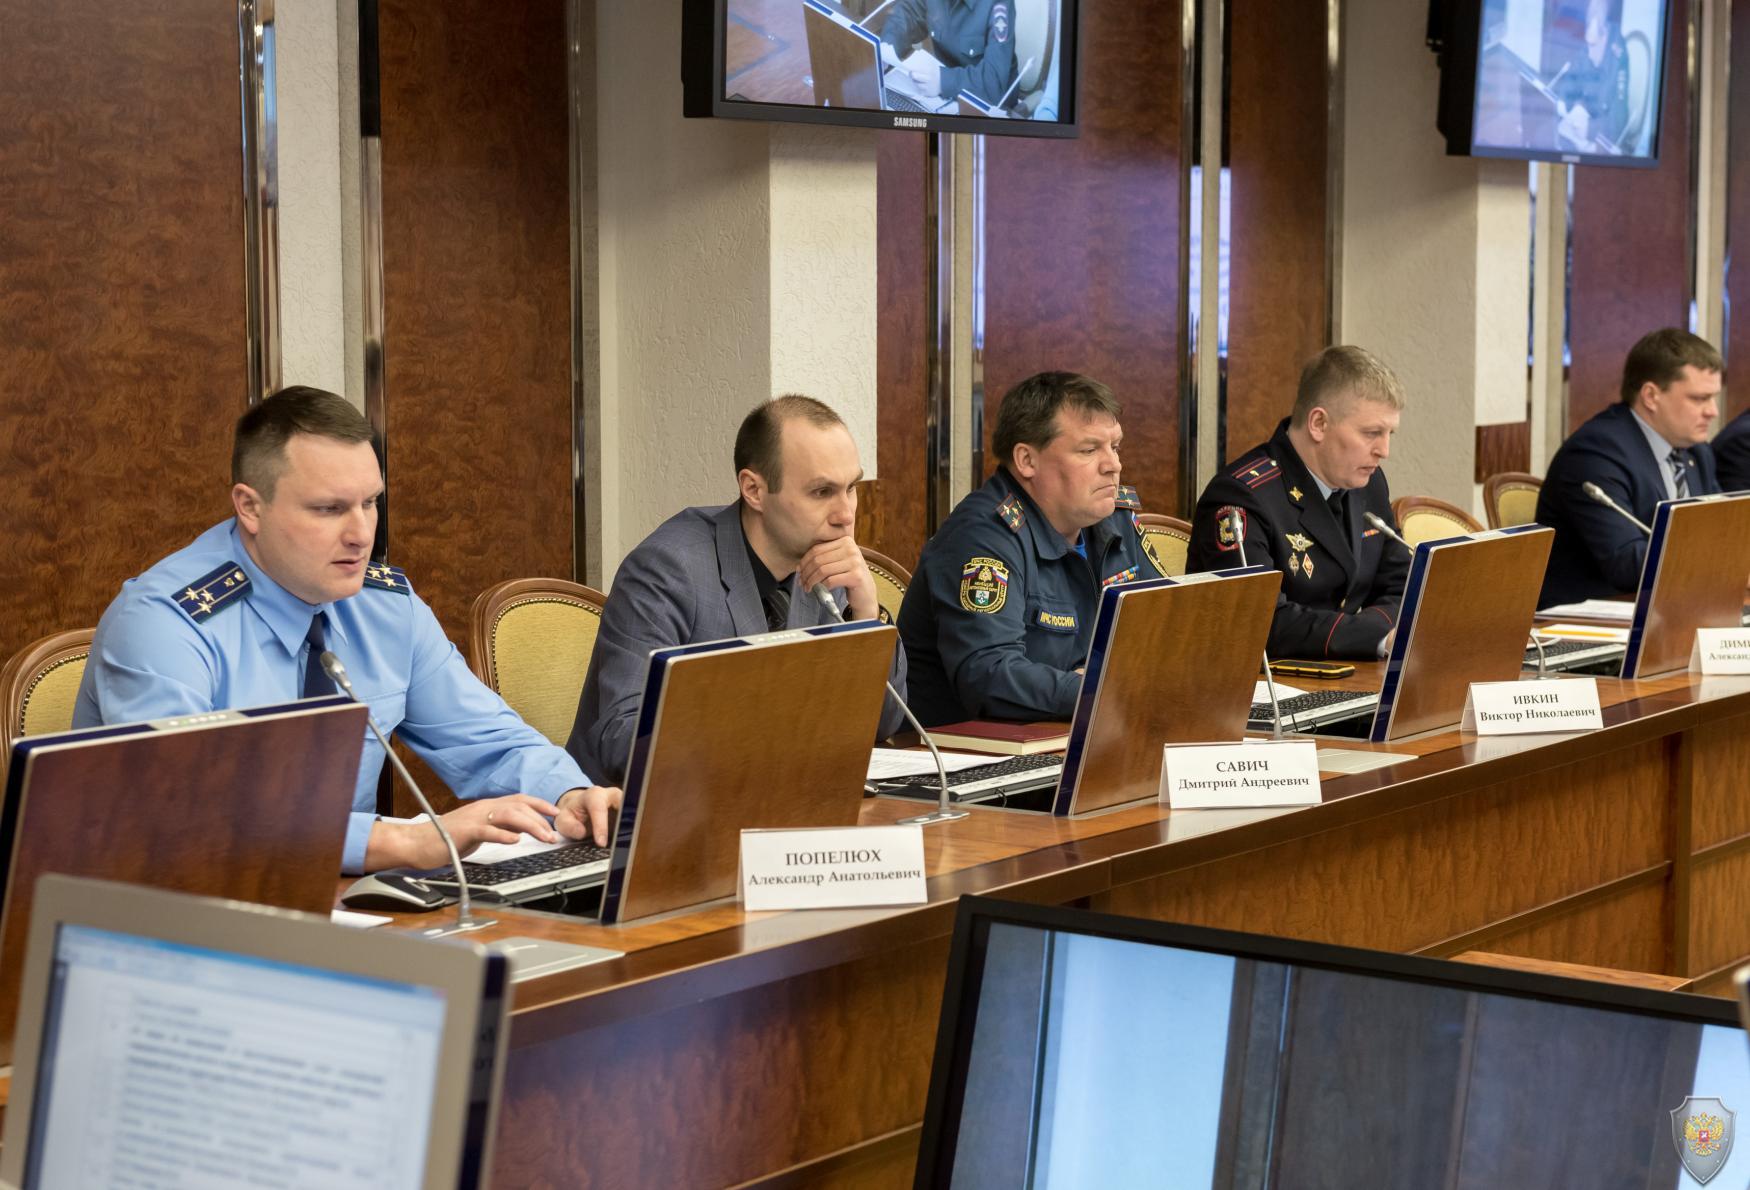 Представители правоохранительного блока доложили о принимаемых мерах по обеспечению безопасности и общественного порядка в период подготовки и проведения майских праздничных мероприятий